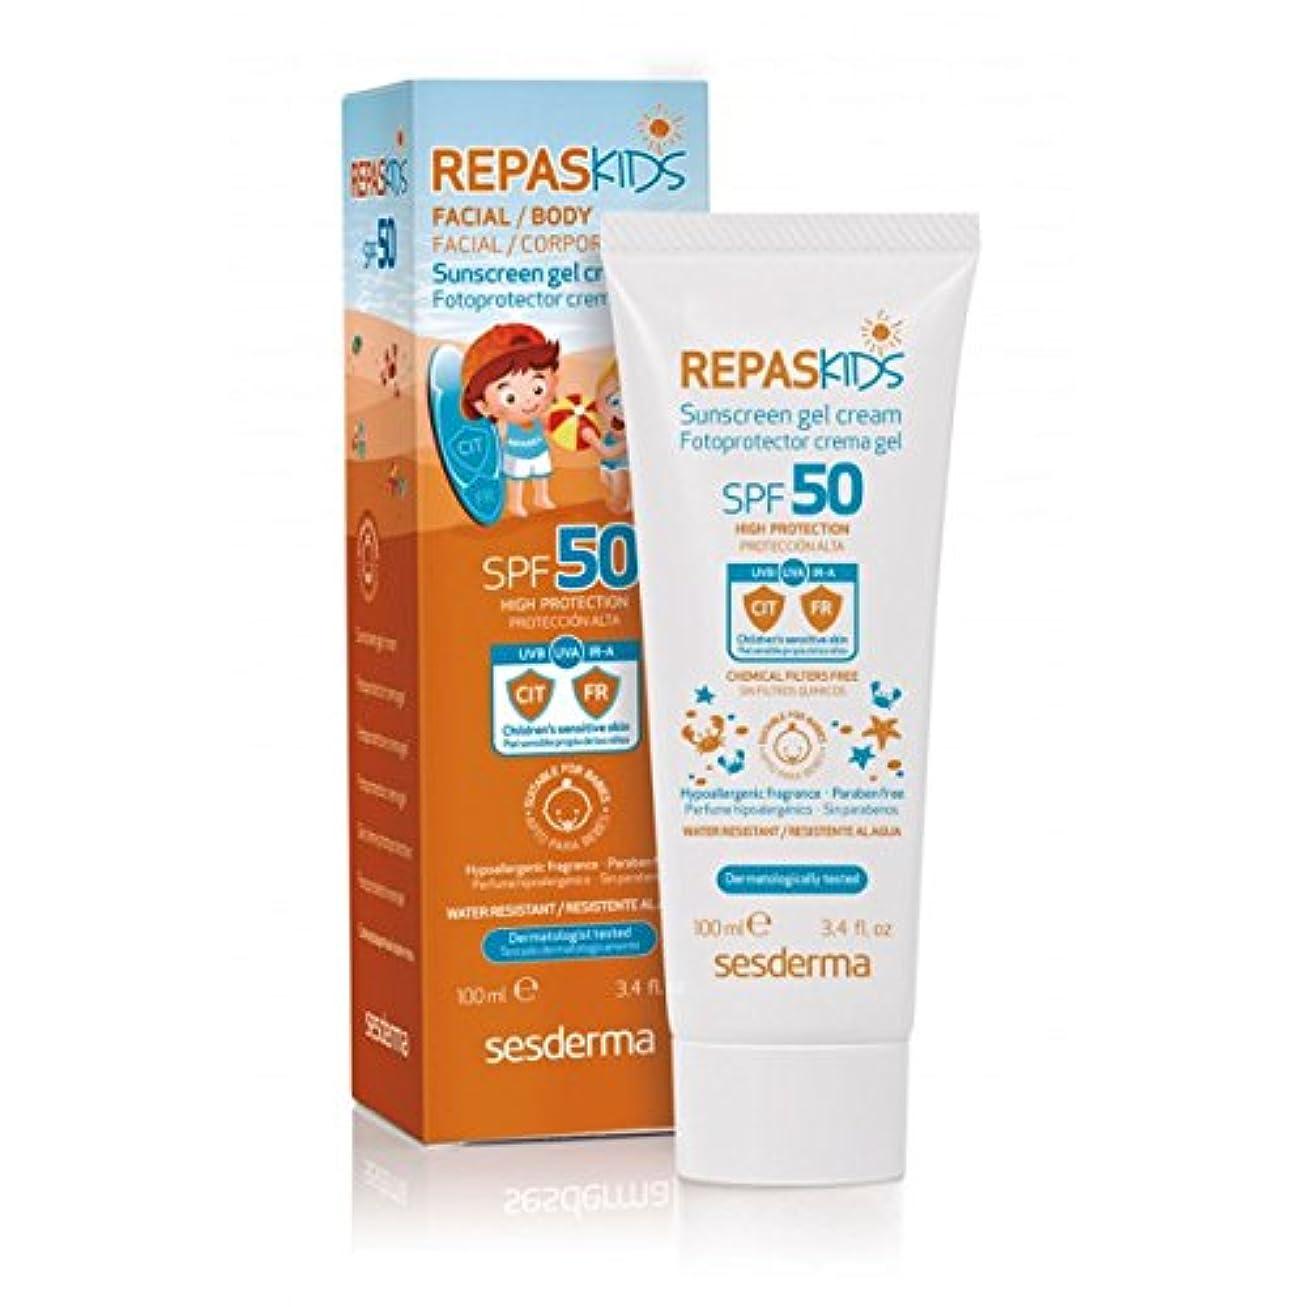 見えない非互換ゼリーSesderma Repaskids Sunscreen Gel Cream Spf50 100ml [並行輸入品]